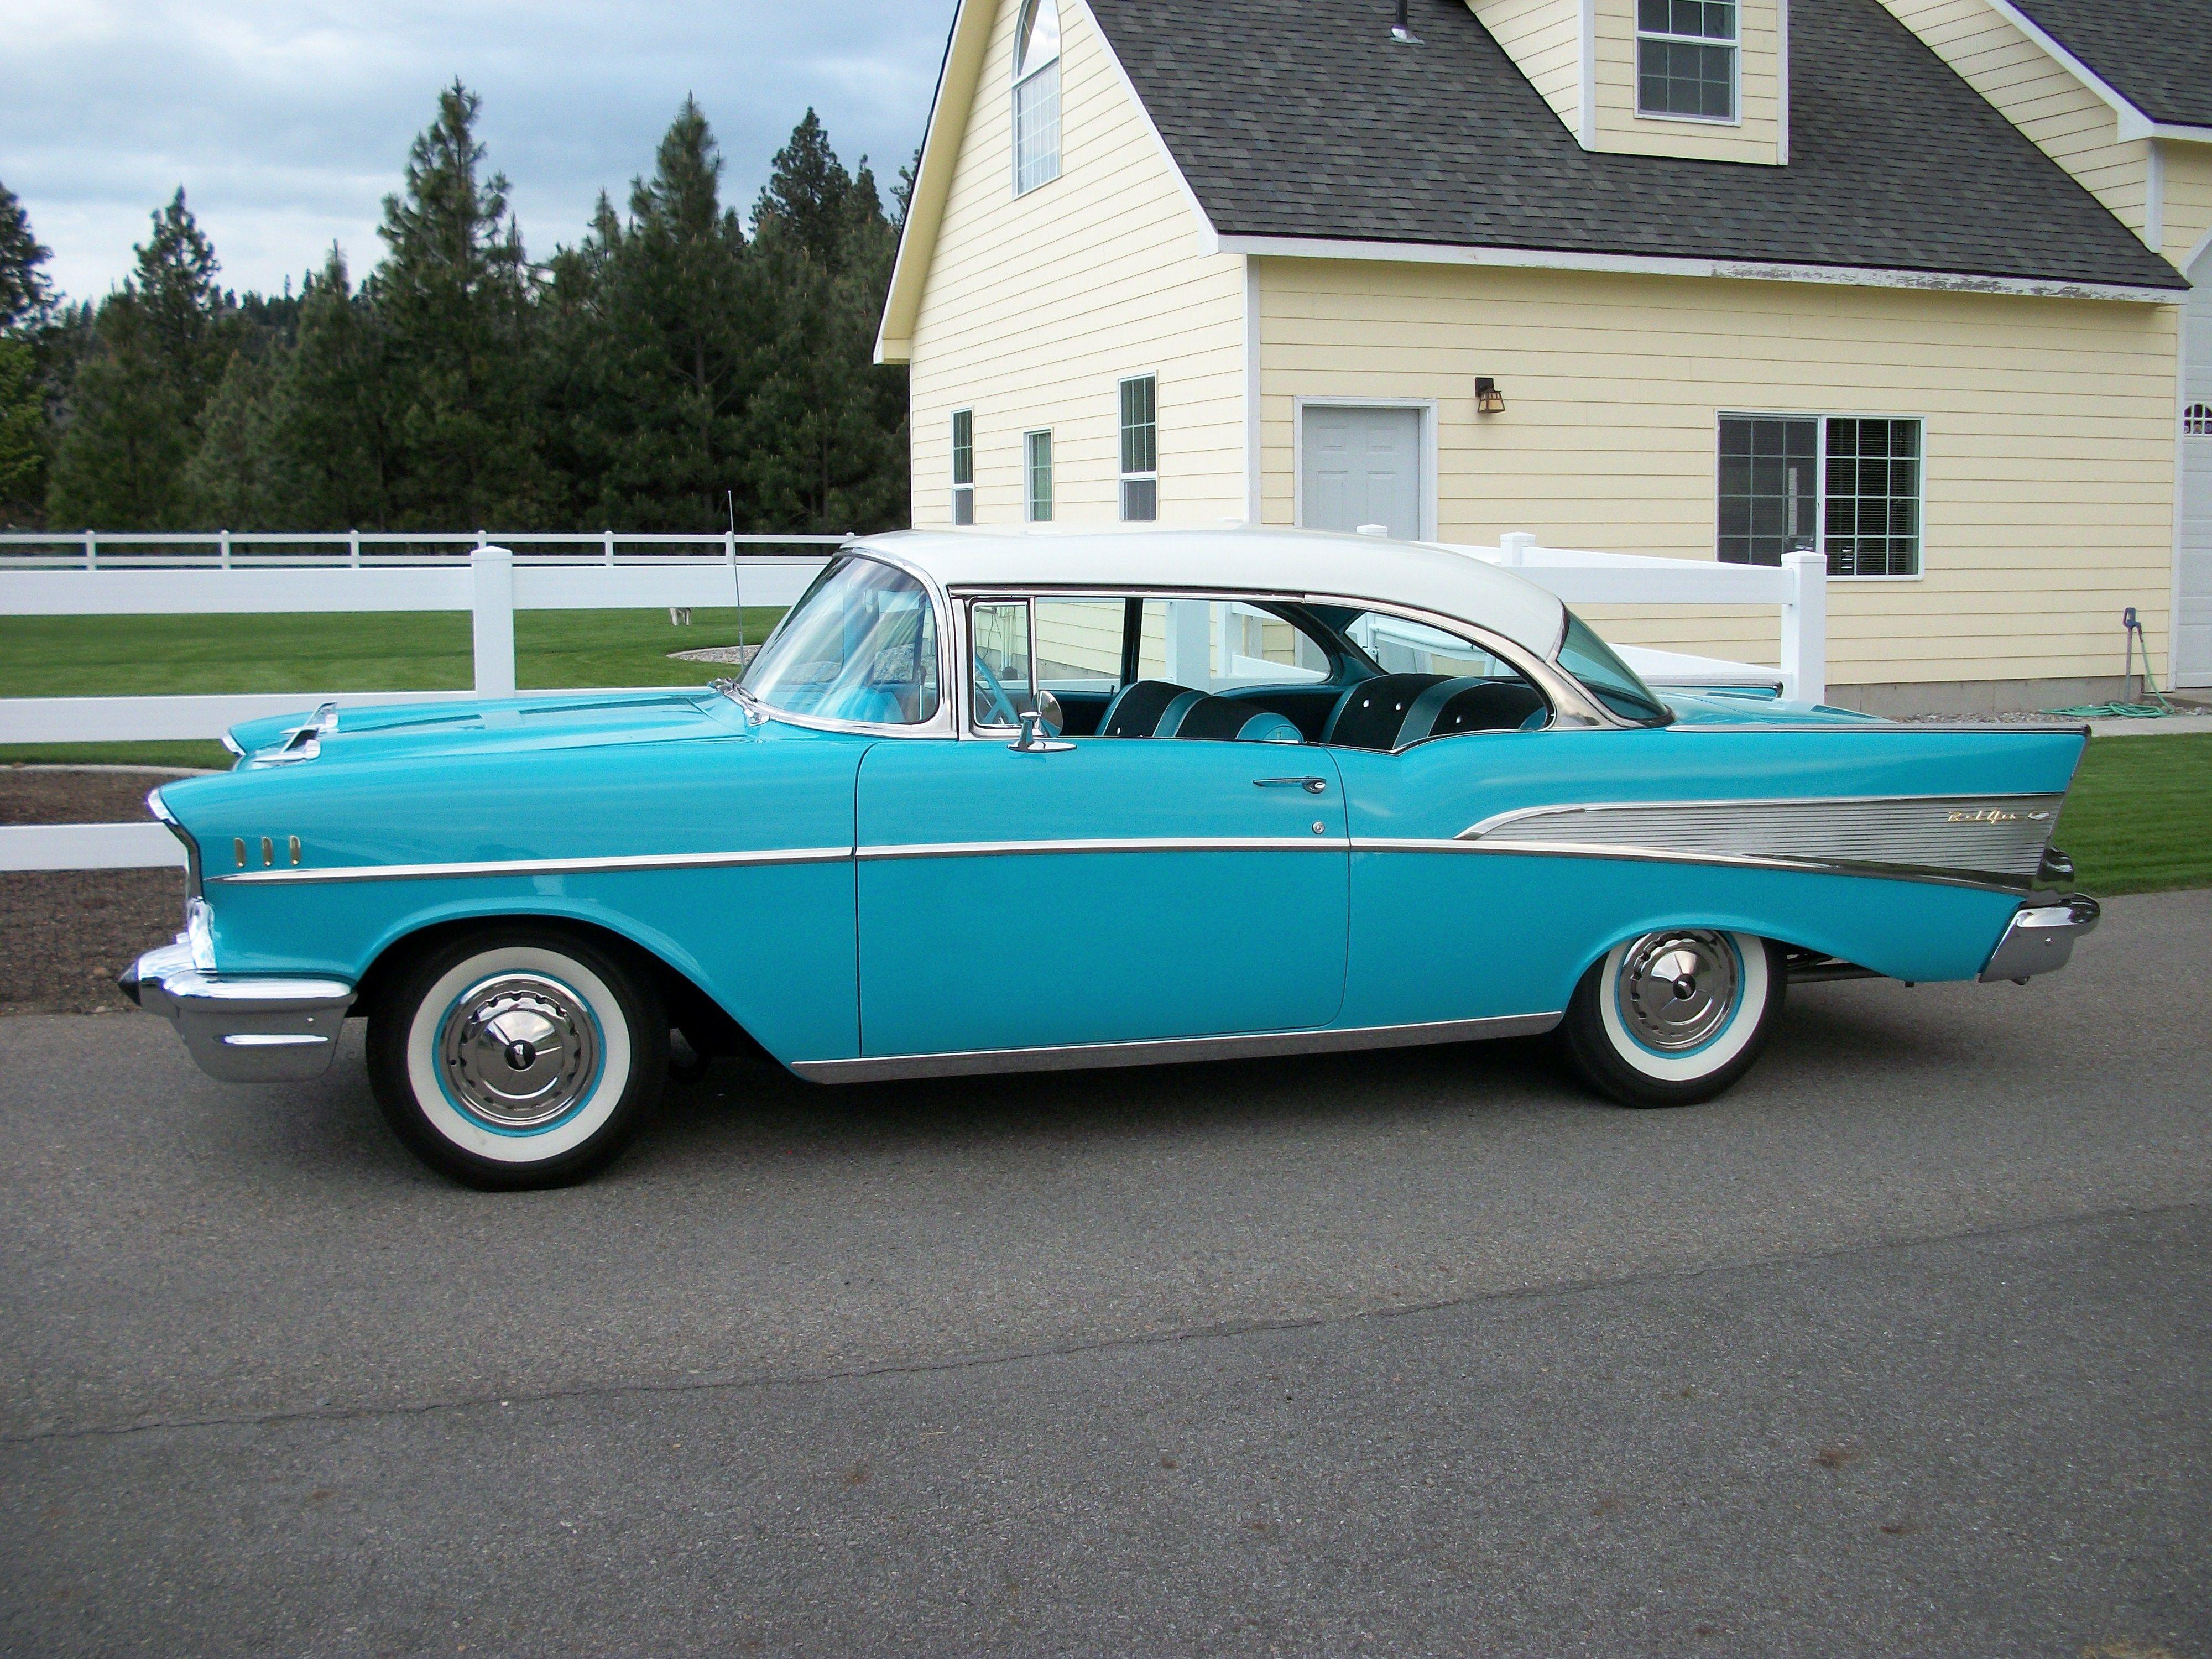 1957 Chevrolet Bel Air 2 Door Hardtop   1957 chevrolet, Bel air ...